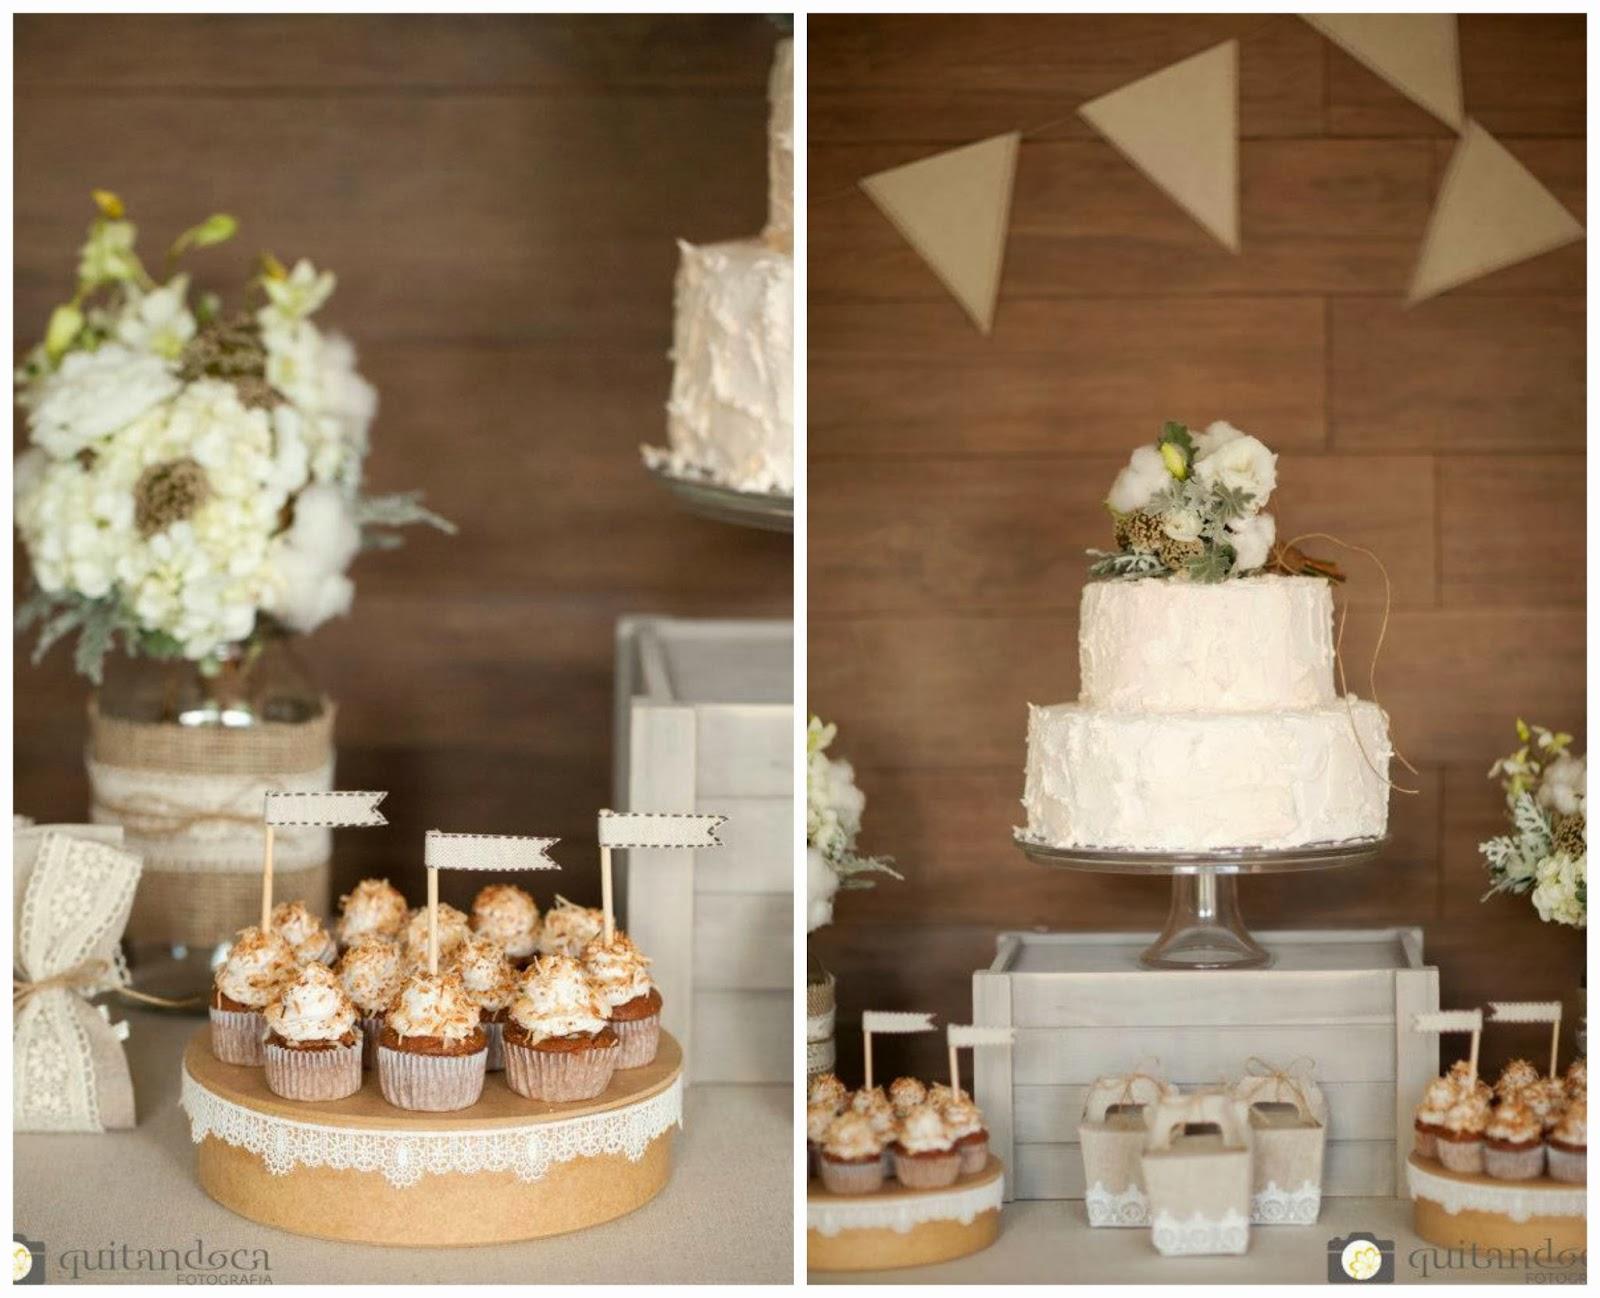 bodas-algodao-doces-bolo-detalhes